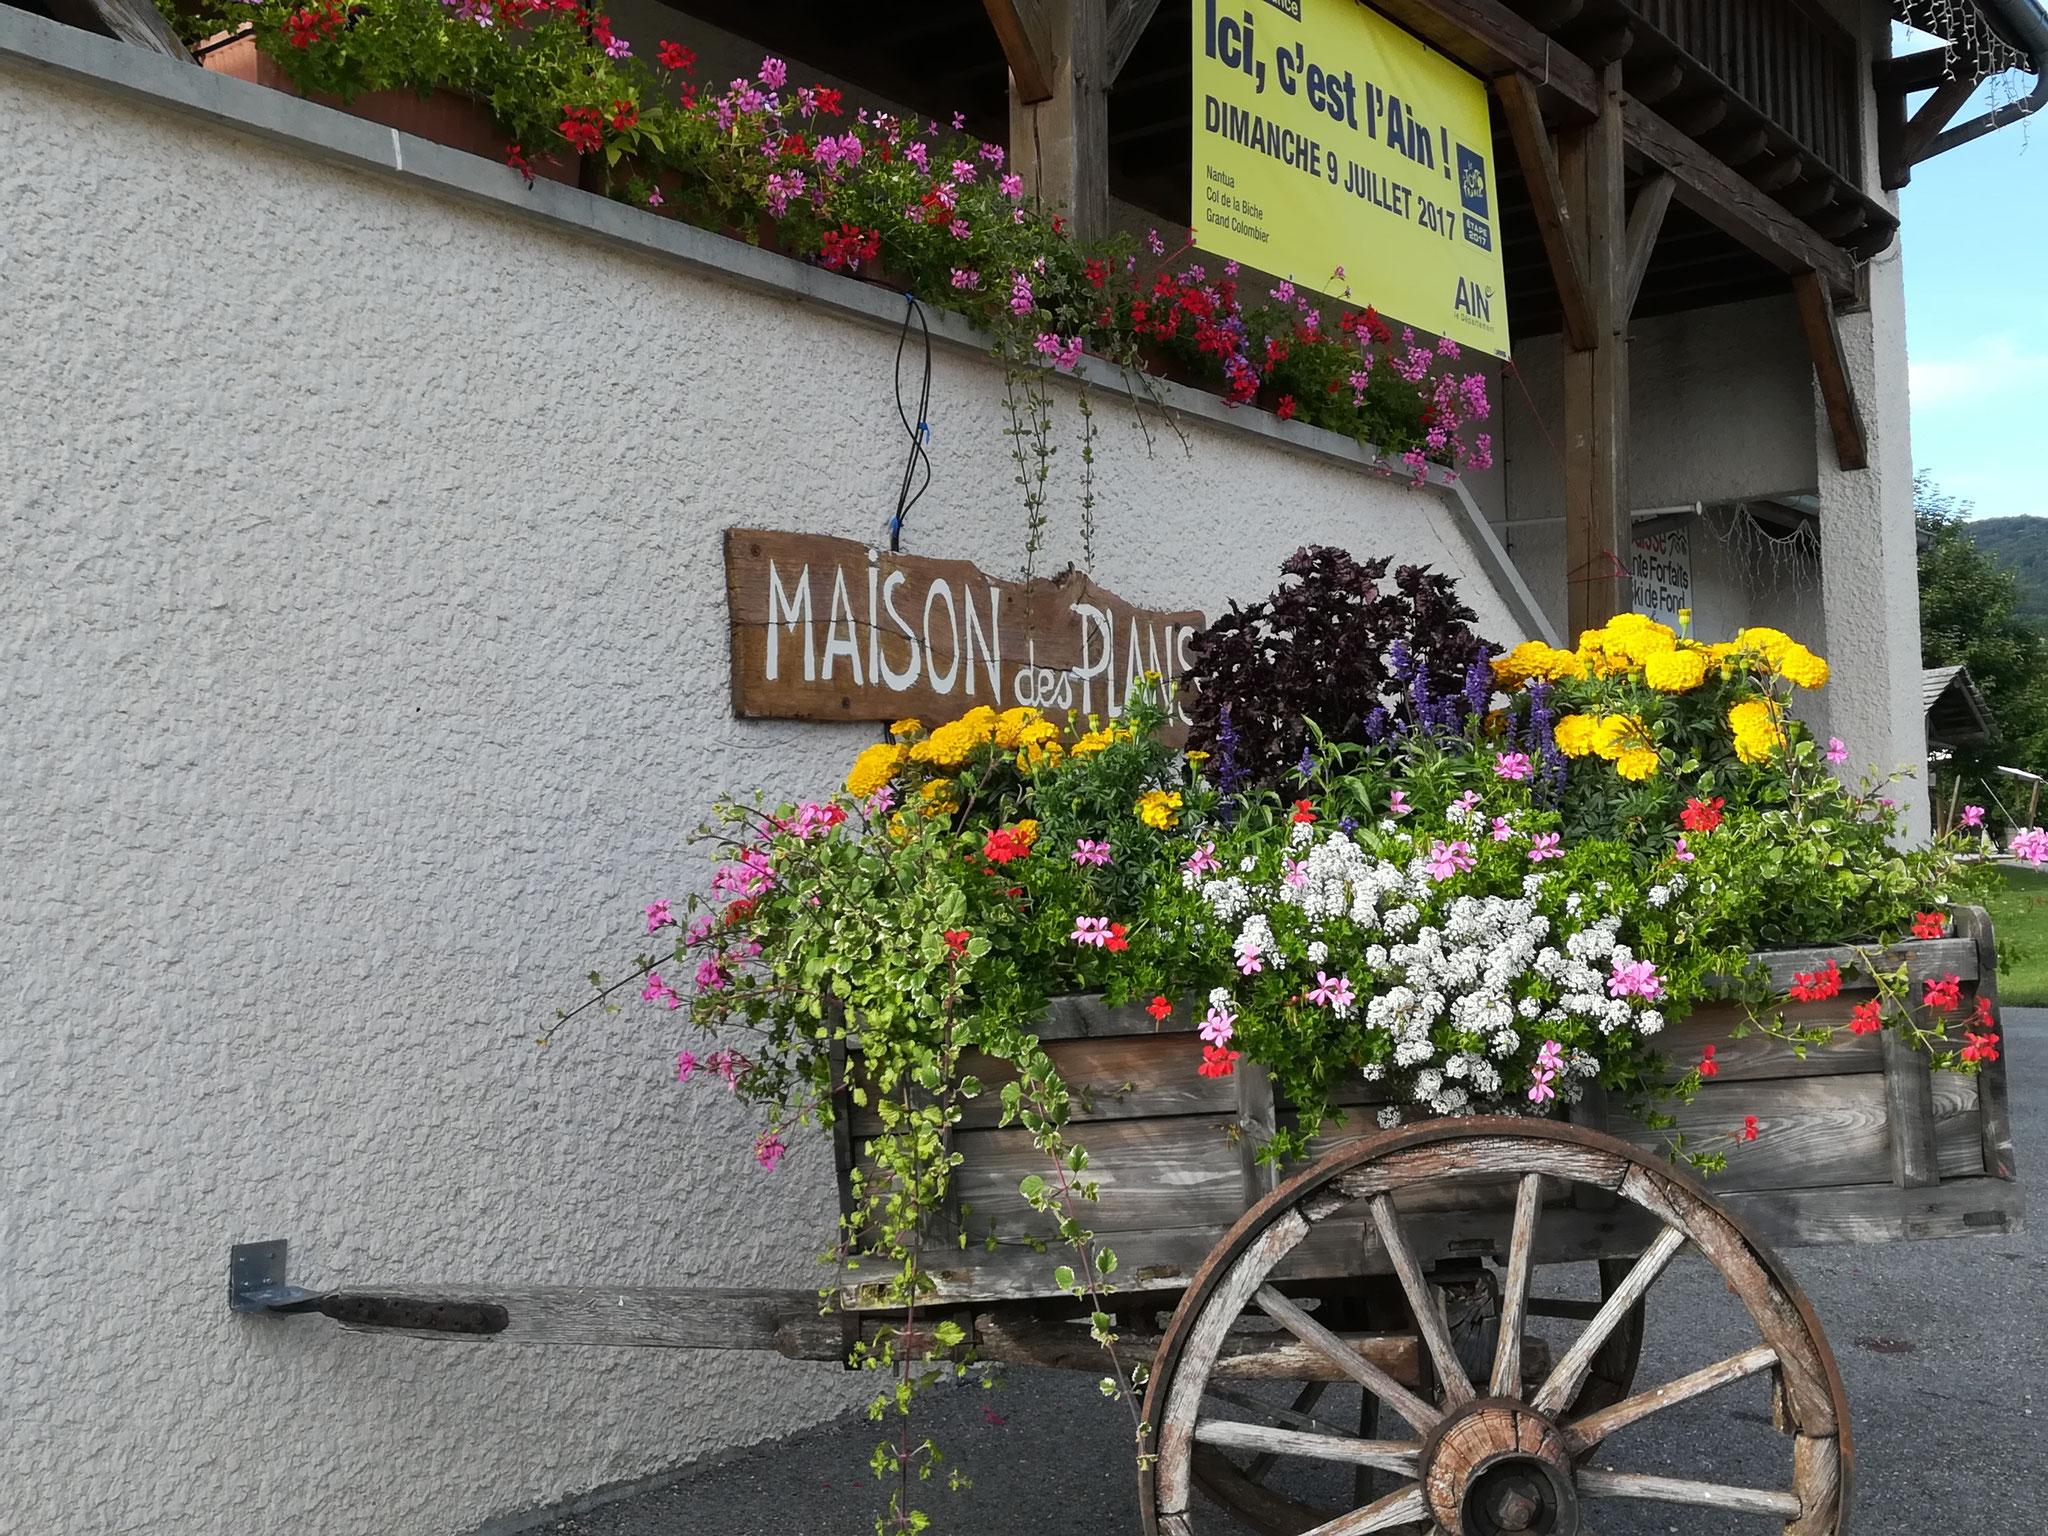 La Maison des Plans avec sa charette fleurie